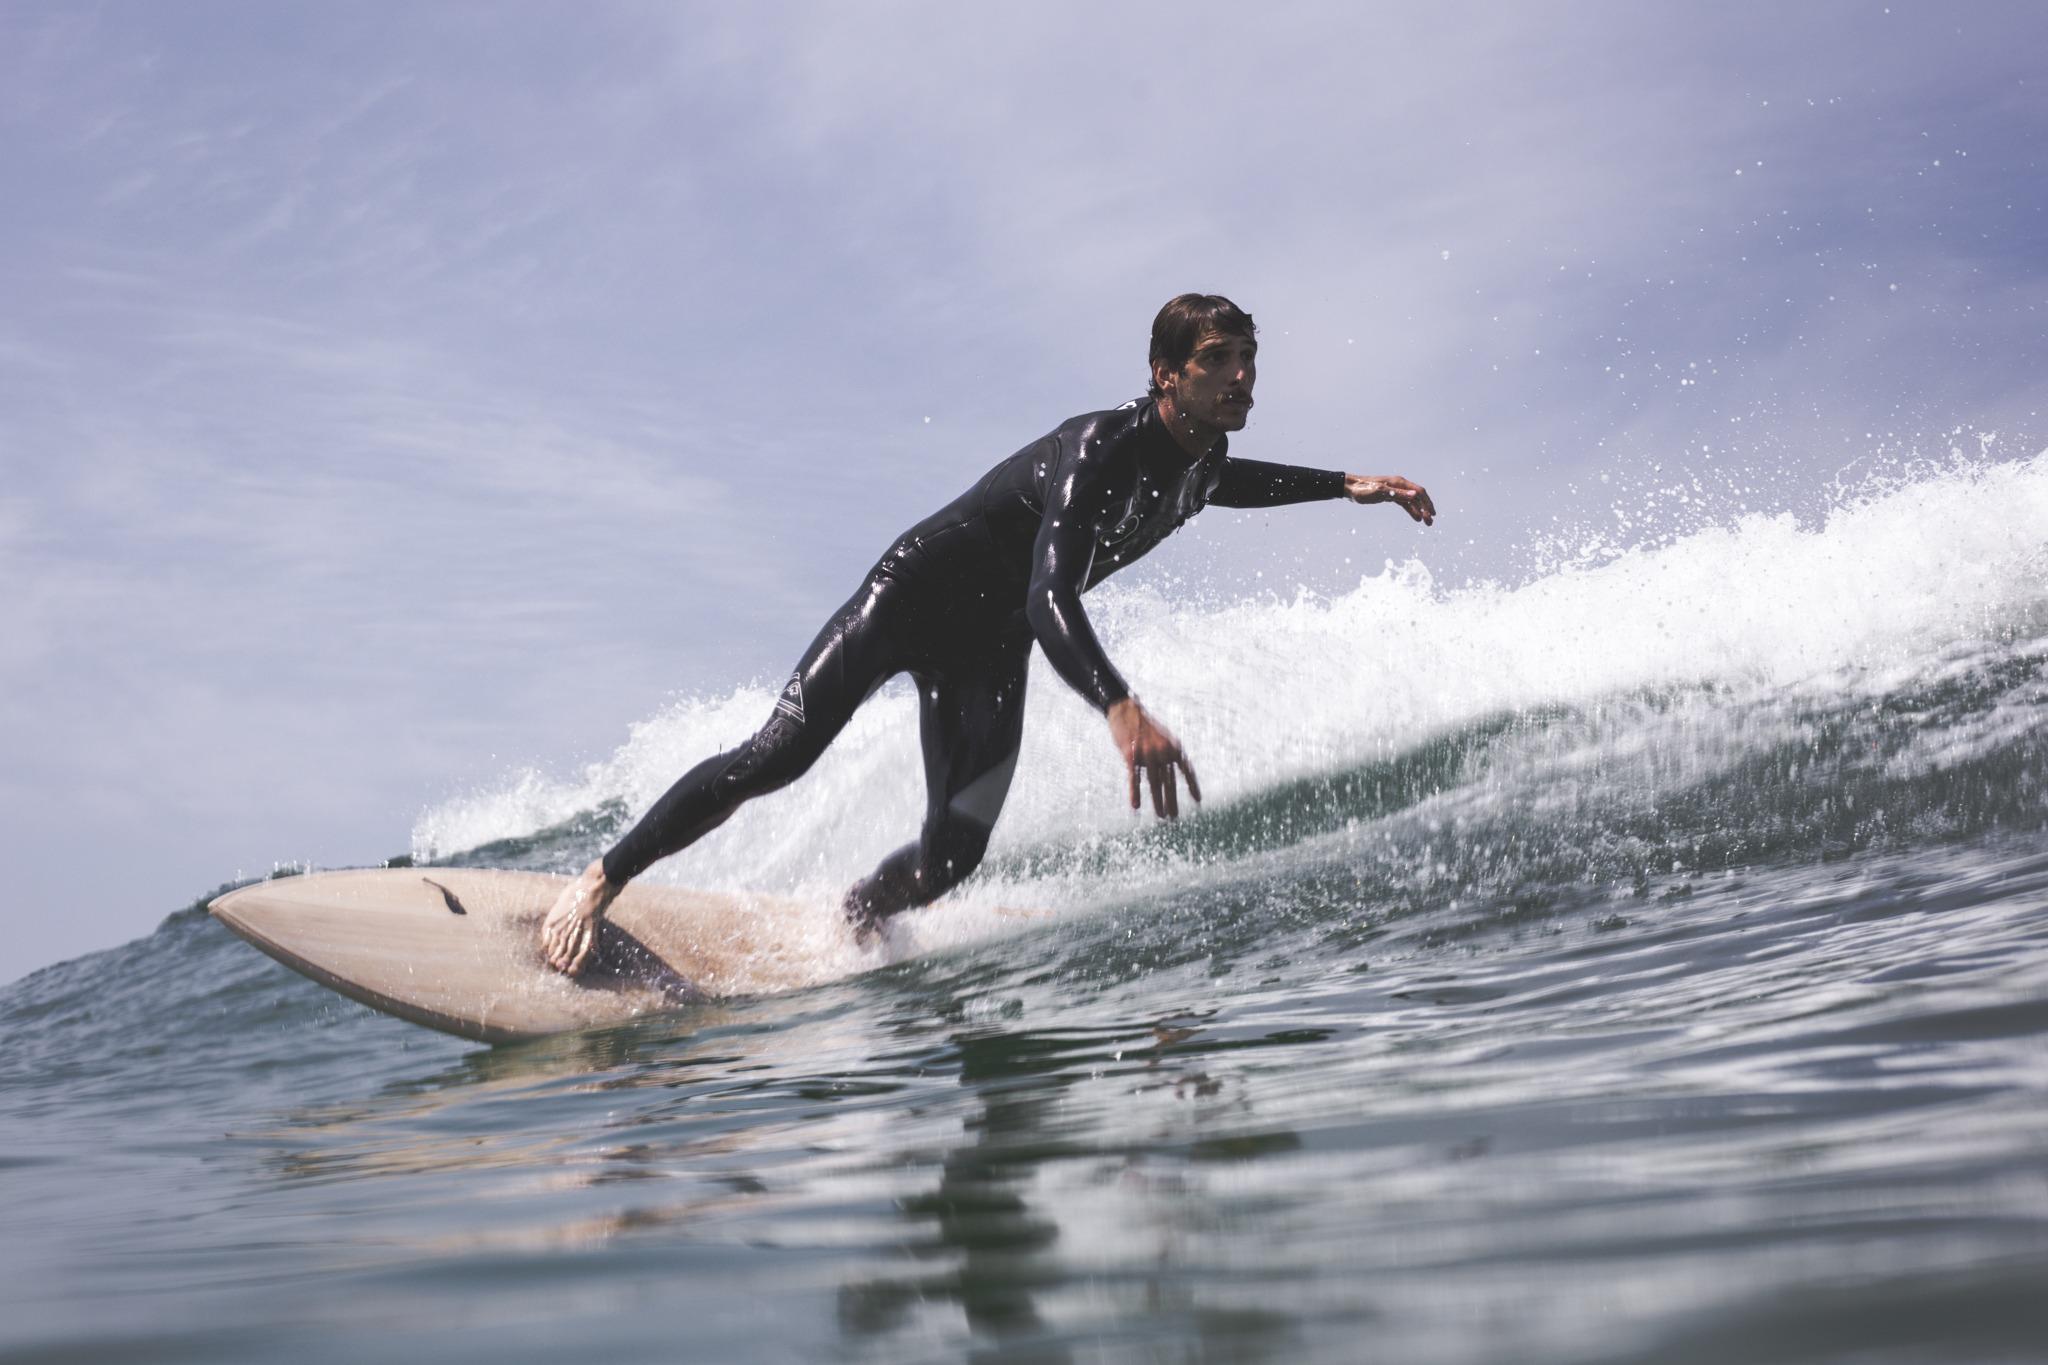 cachalot surfboards planche surf handmade artisan shaper hollow bois hareng florian gruet